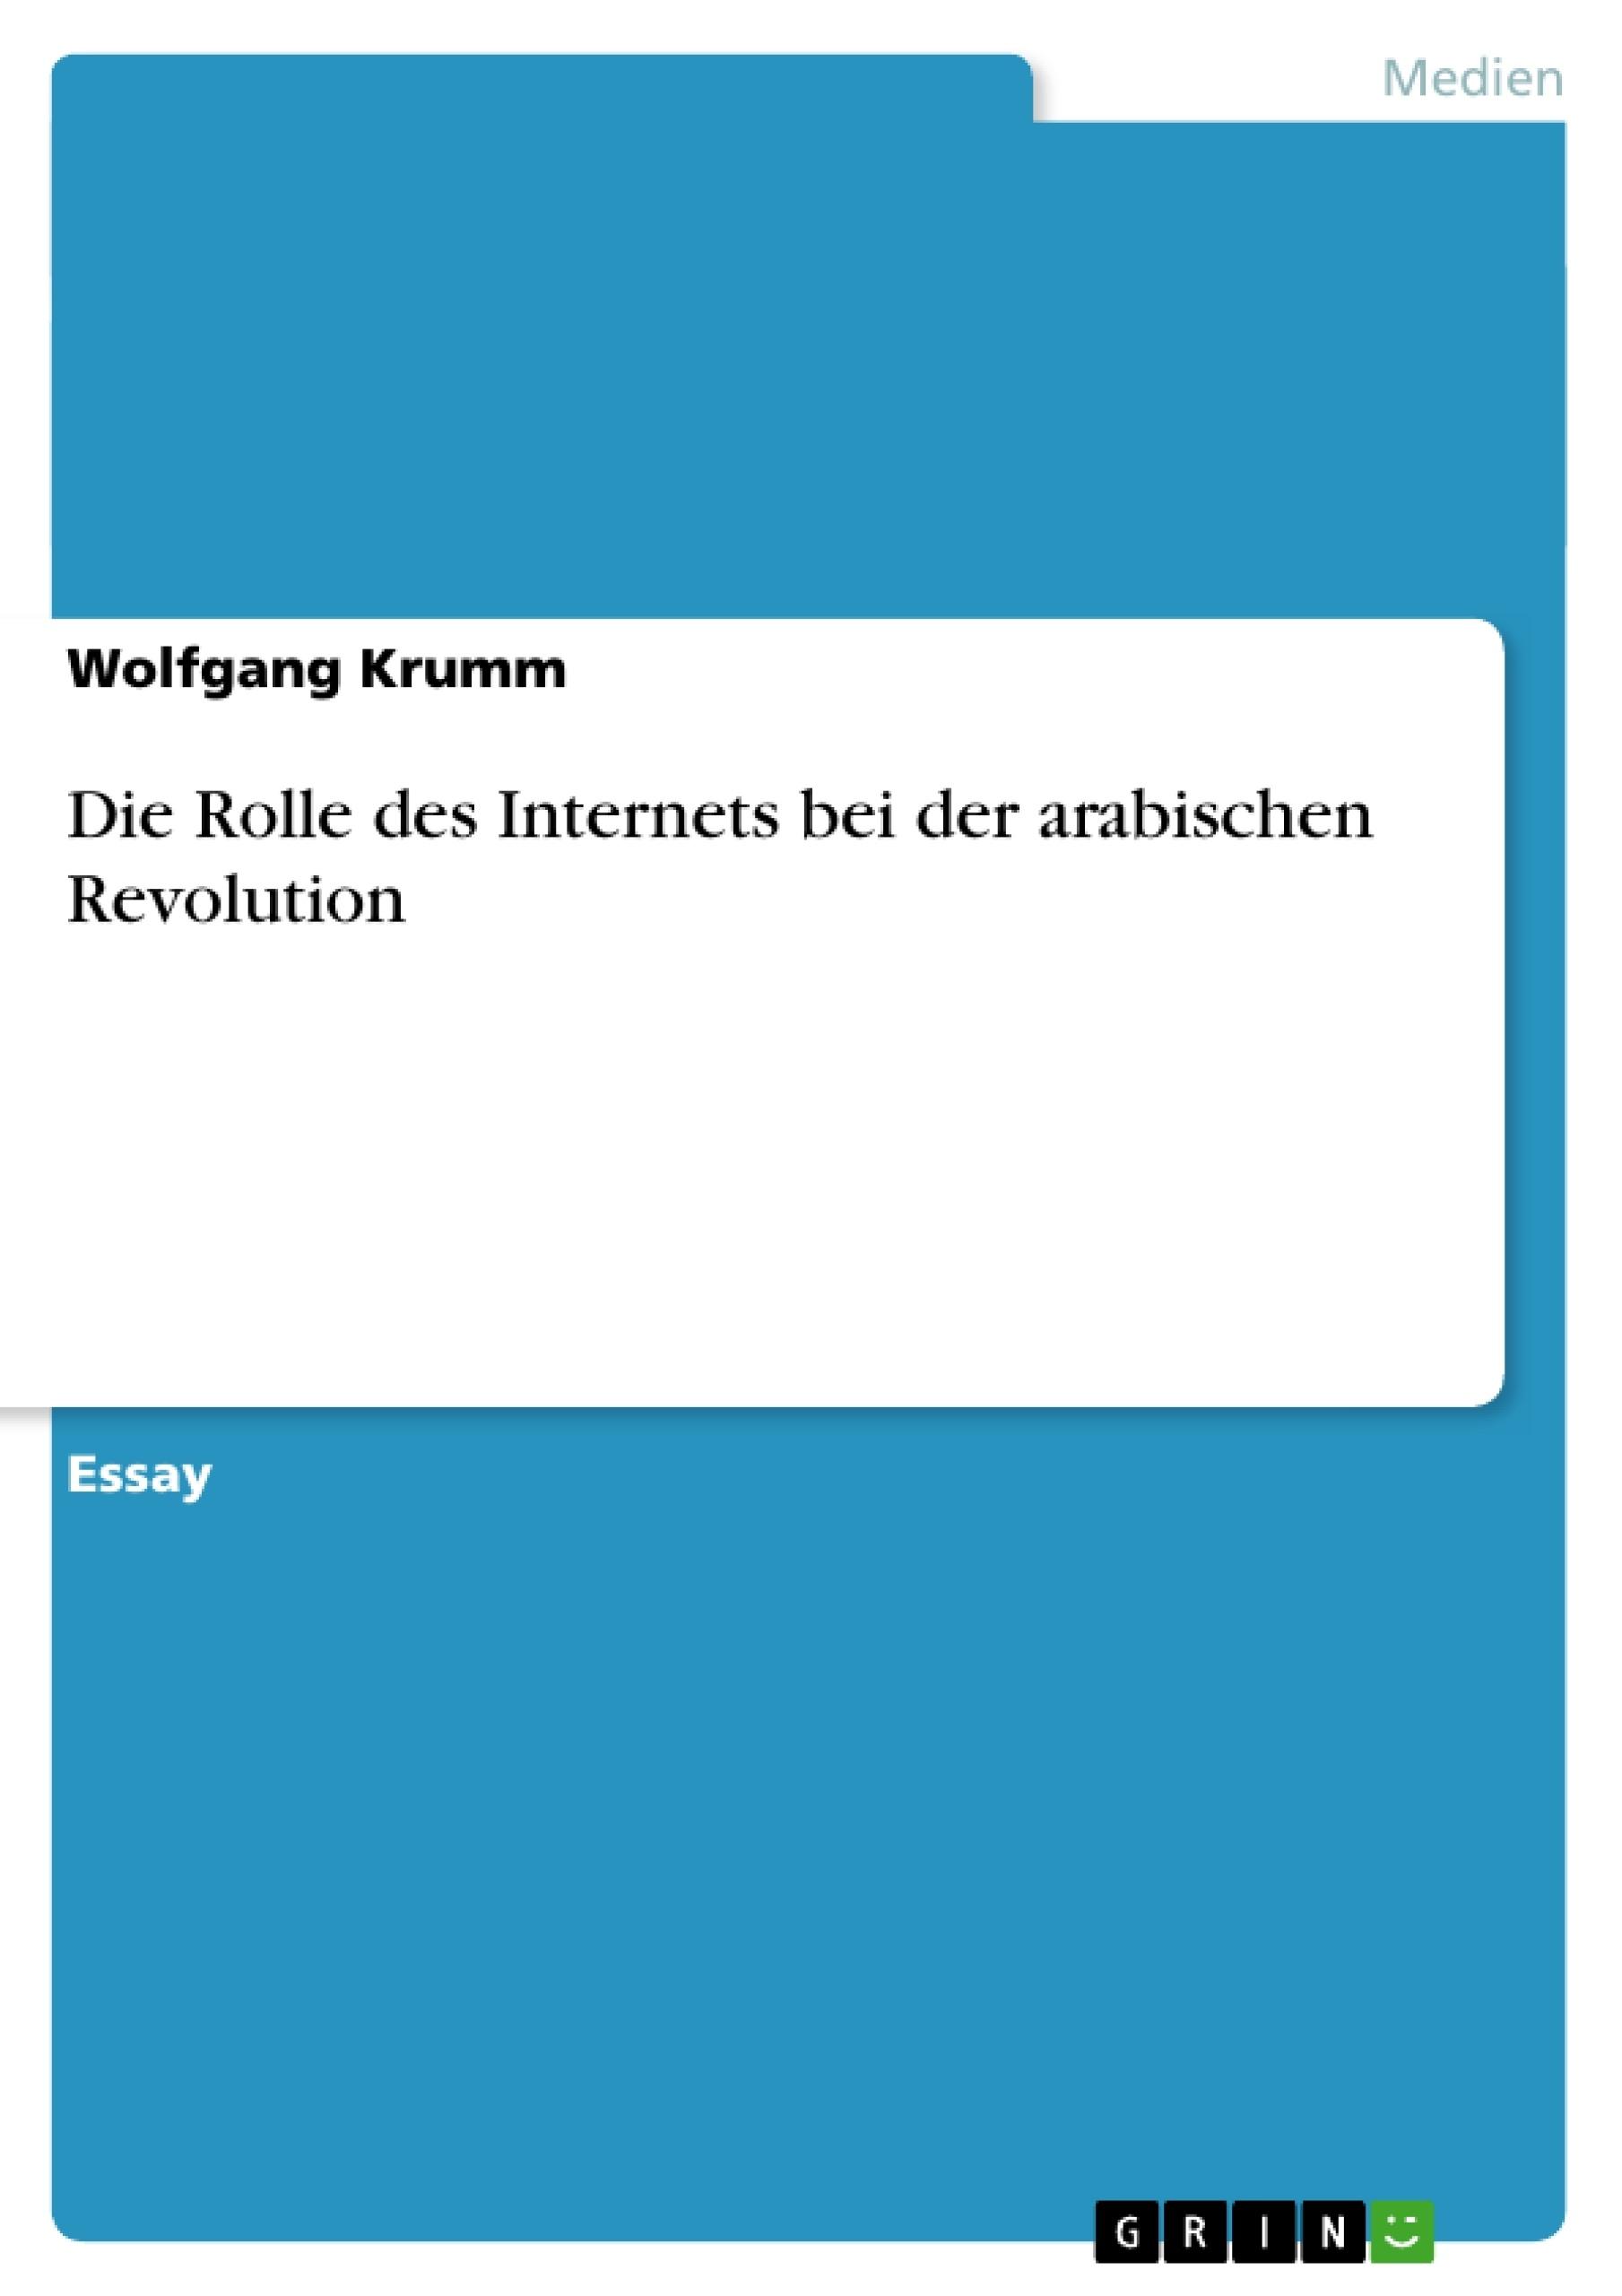 Titel: Die Rolle des Internets bei der arabischen Revolution